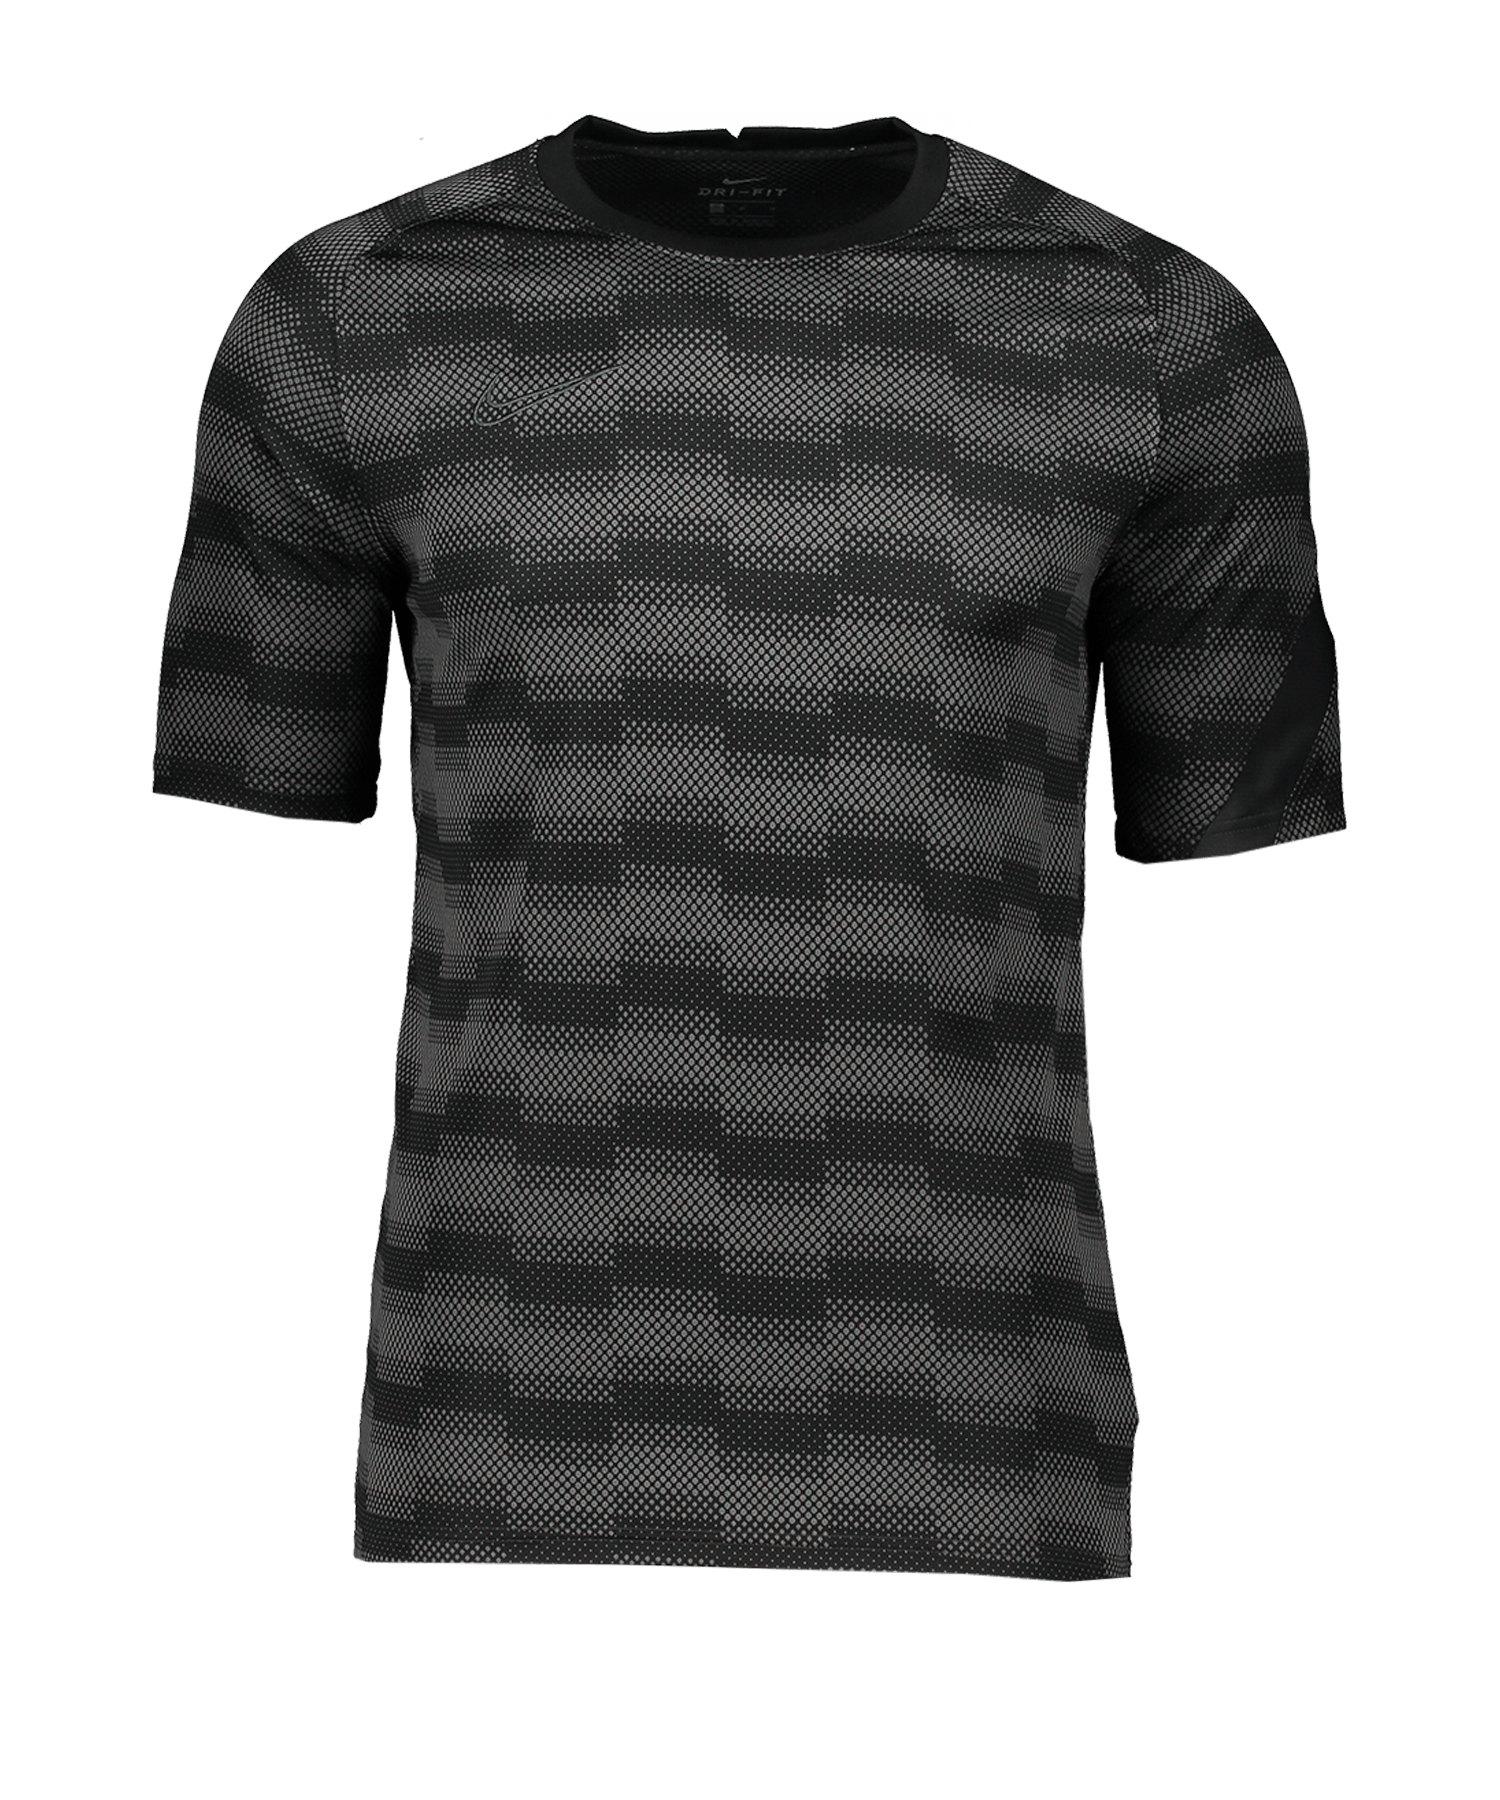 Nike Academy Trainingsshirt Schwarz Grau F010 - schwarz